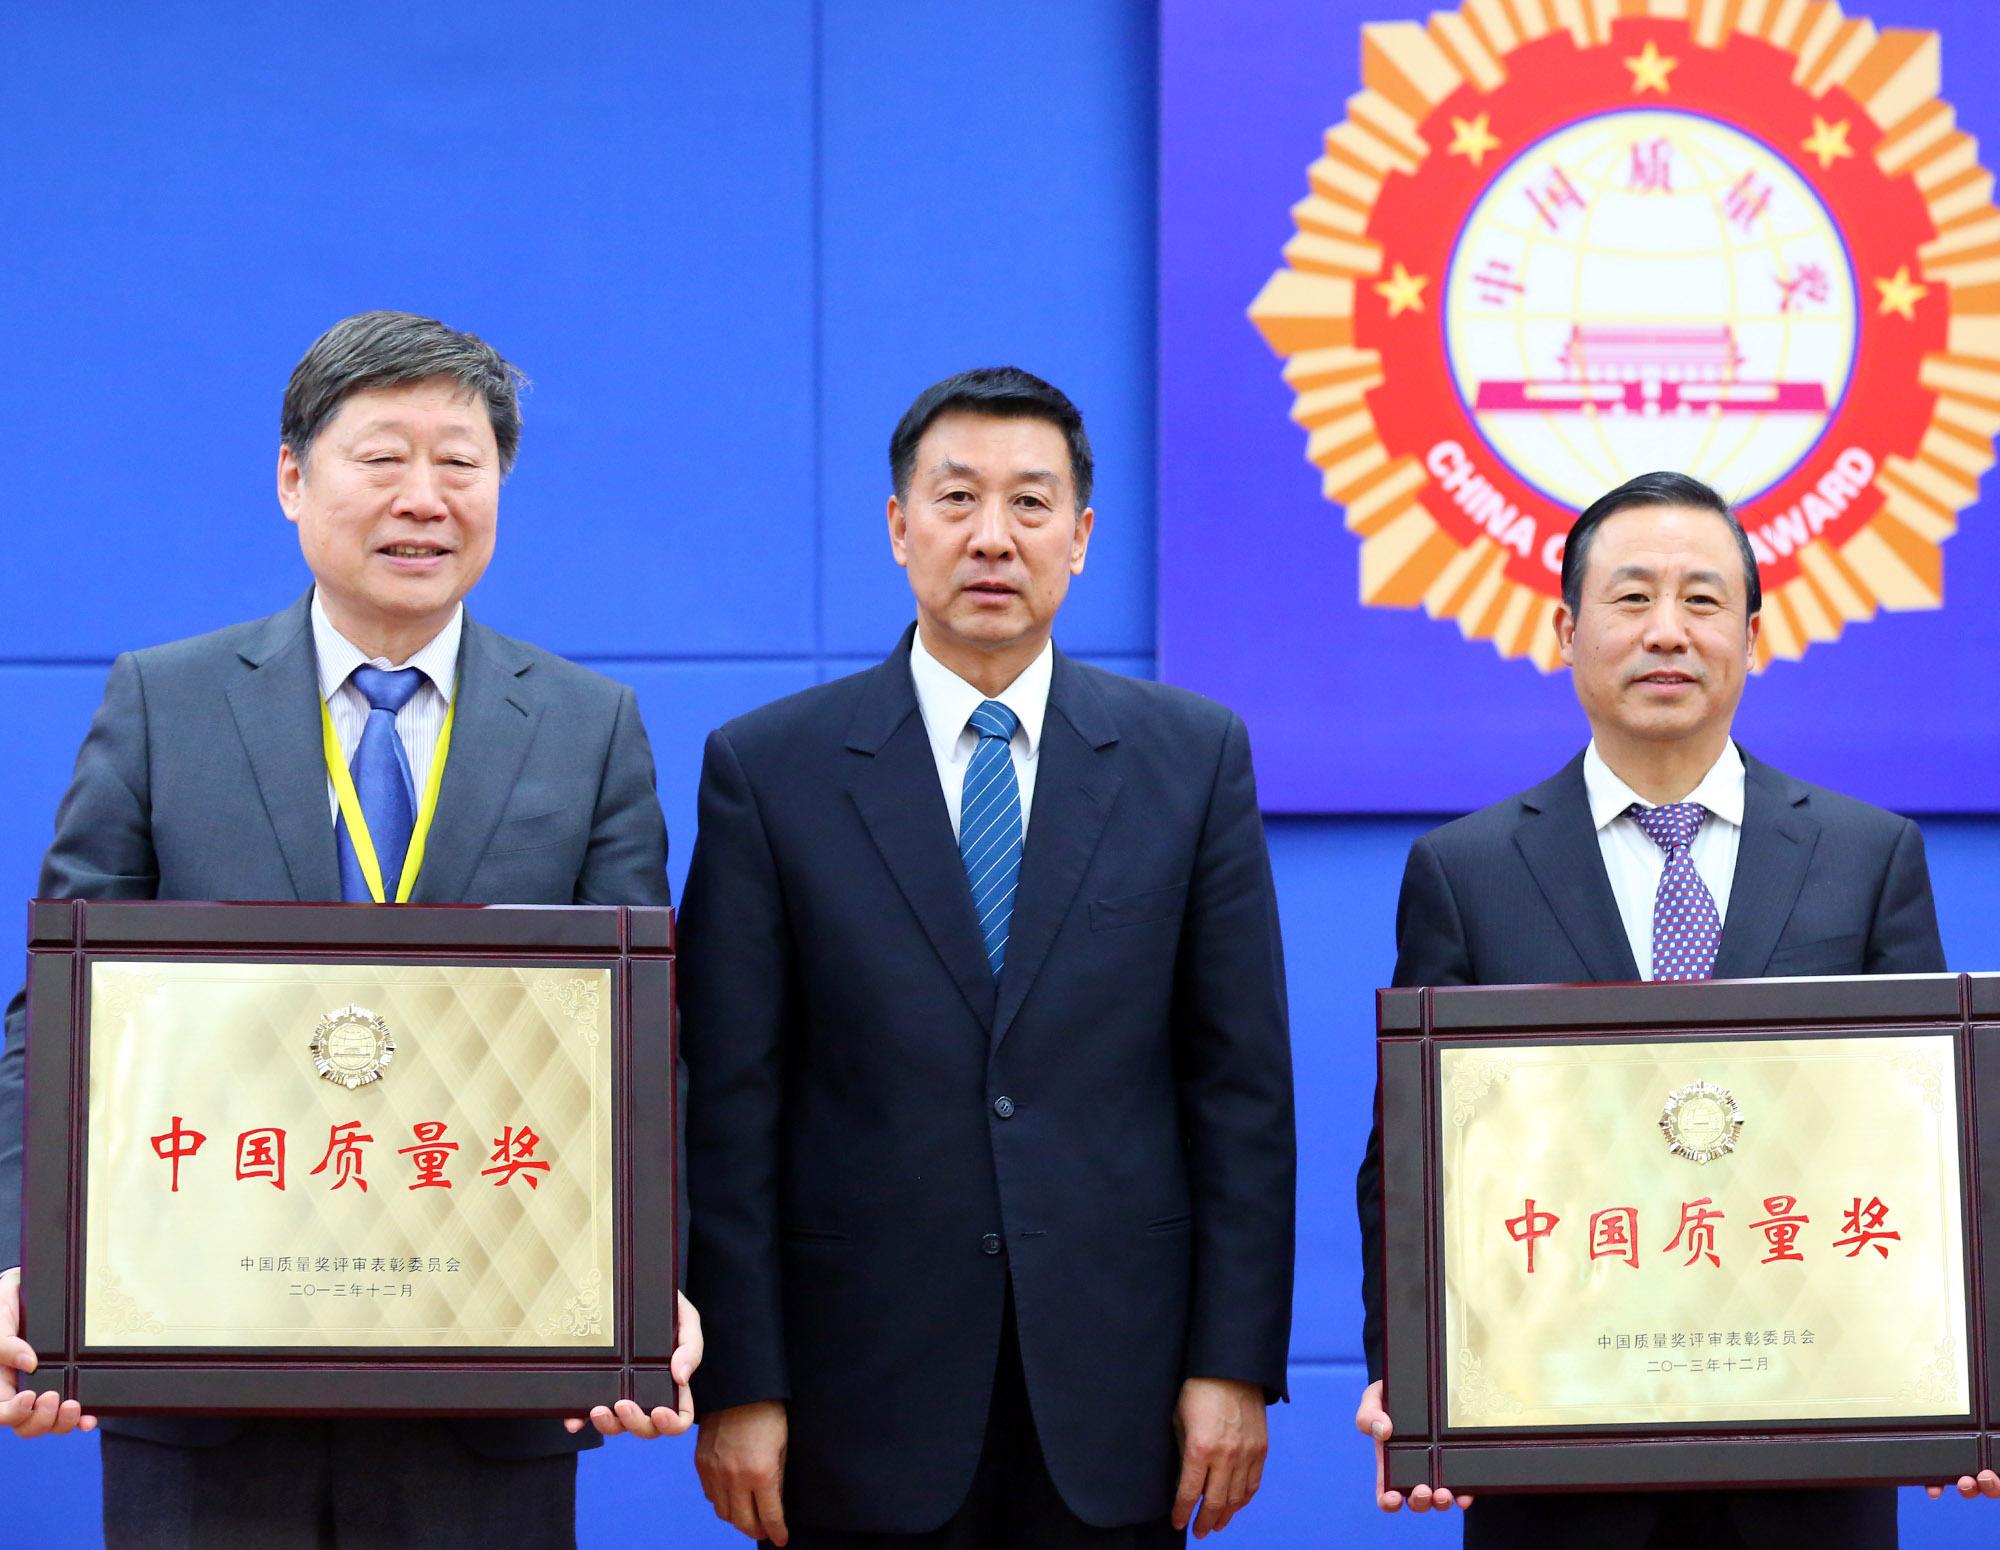 王勇国务委员为中国航天科技集团和海尔集团颁奖